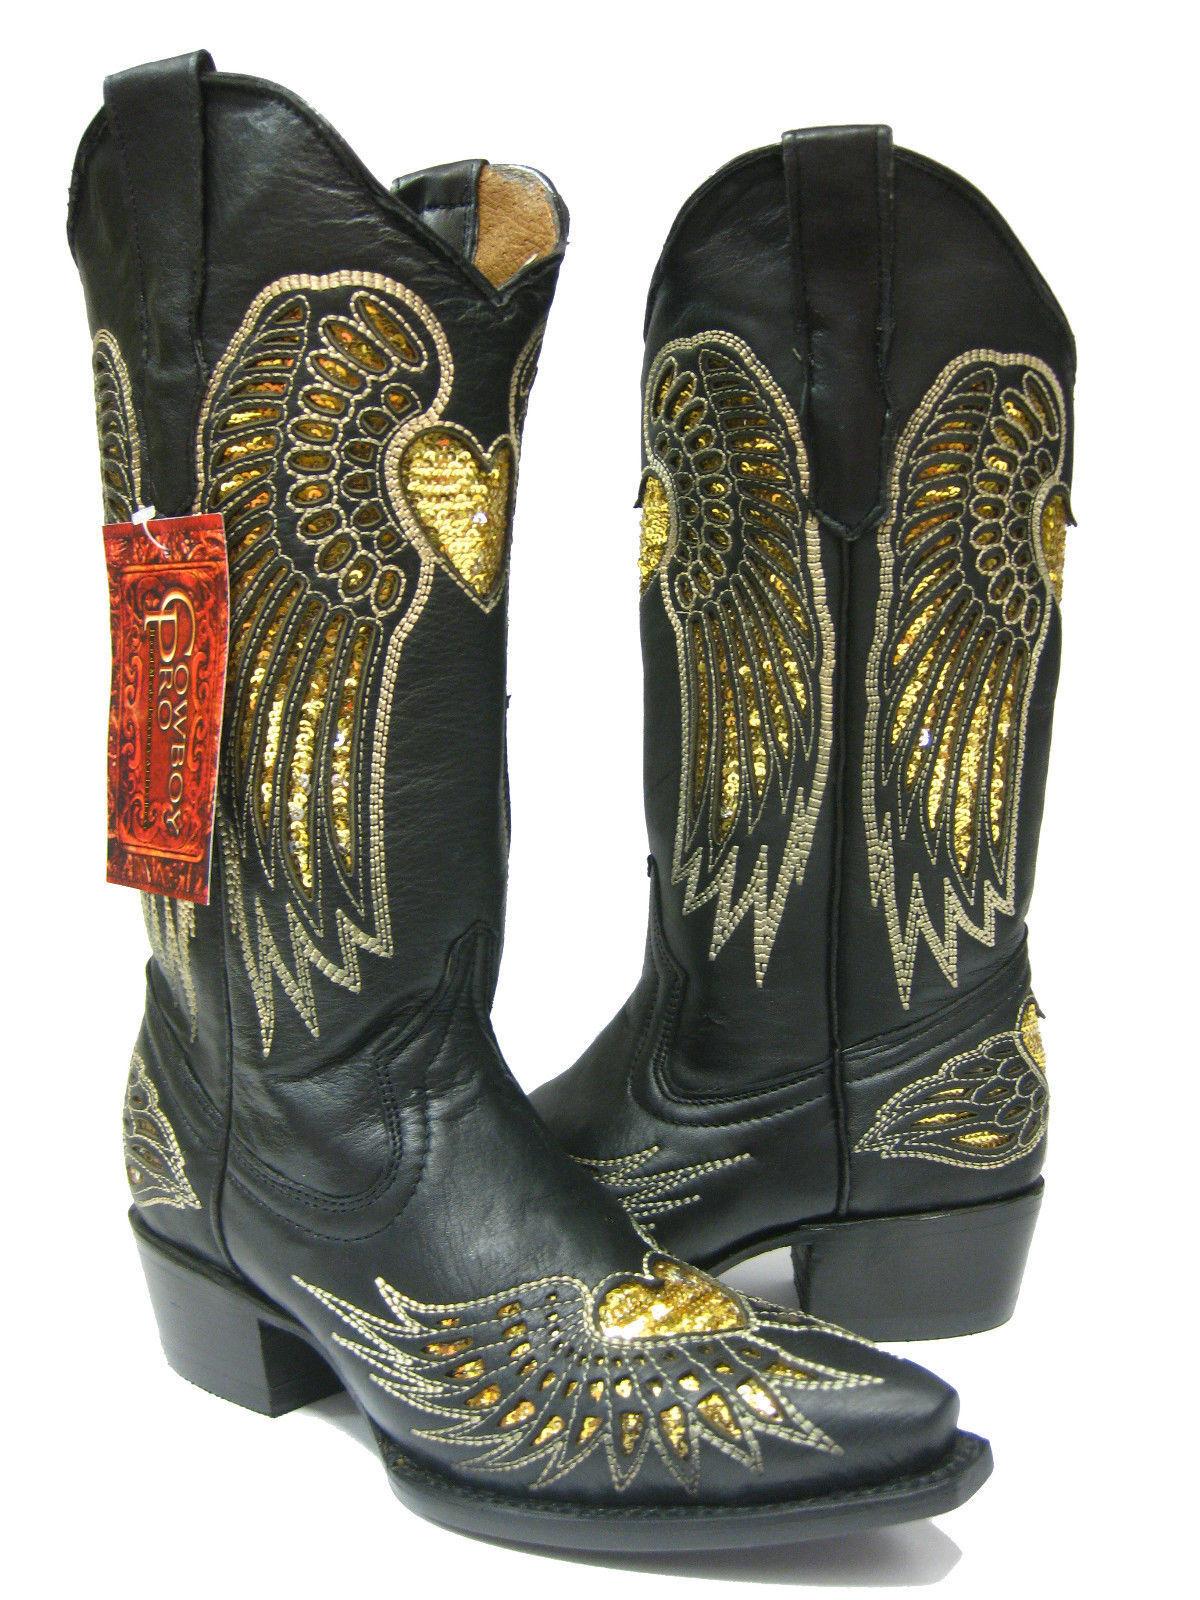 Para Mujeres Cuero Negro botas corazón incrustaciones de lentejuelas oro botas Negro De Vaquero SNIP Toe e9abb7